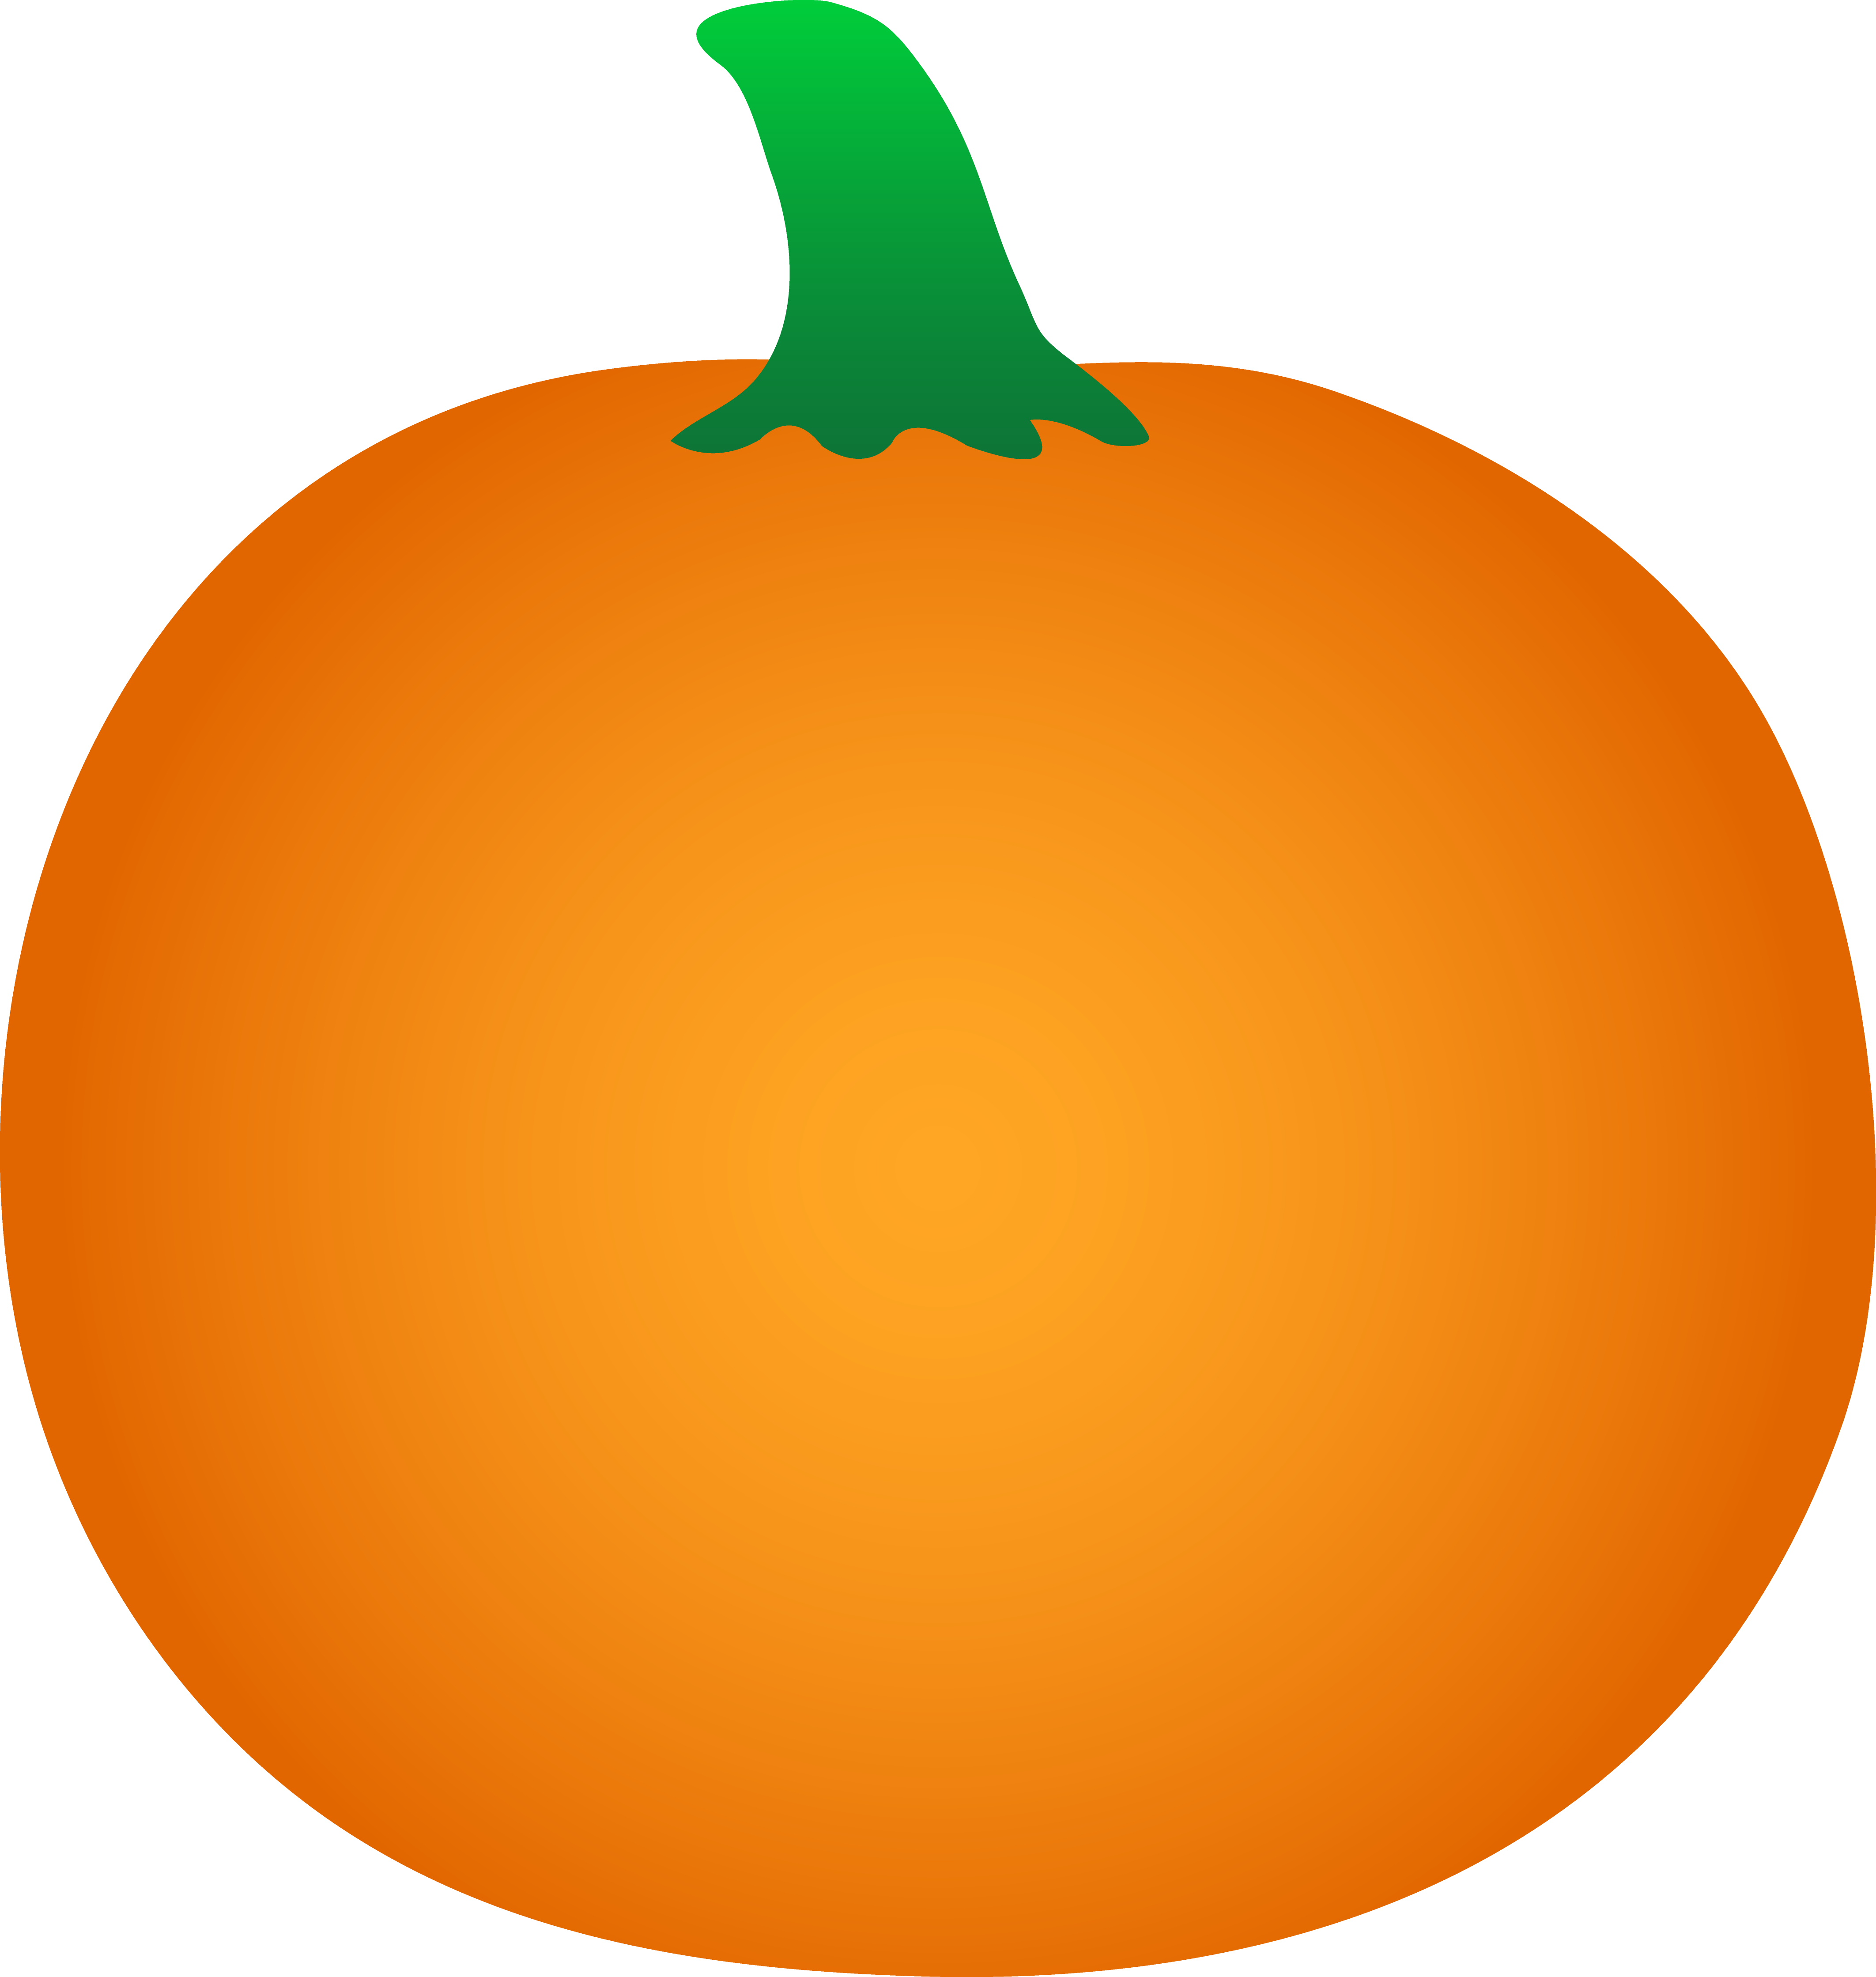 Round Orange Halloween Pumpkin - Free Clip Art